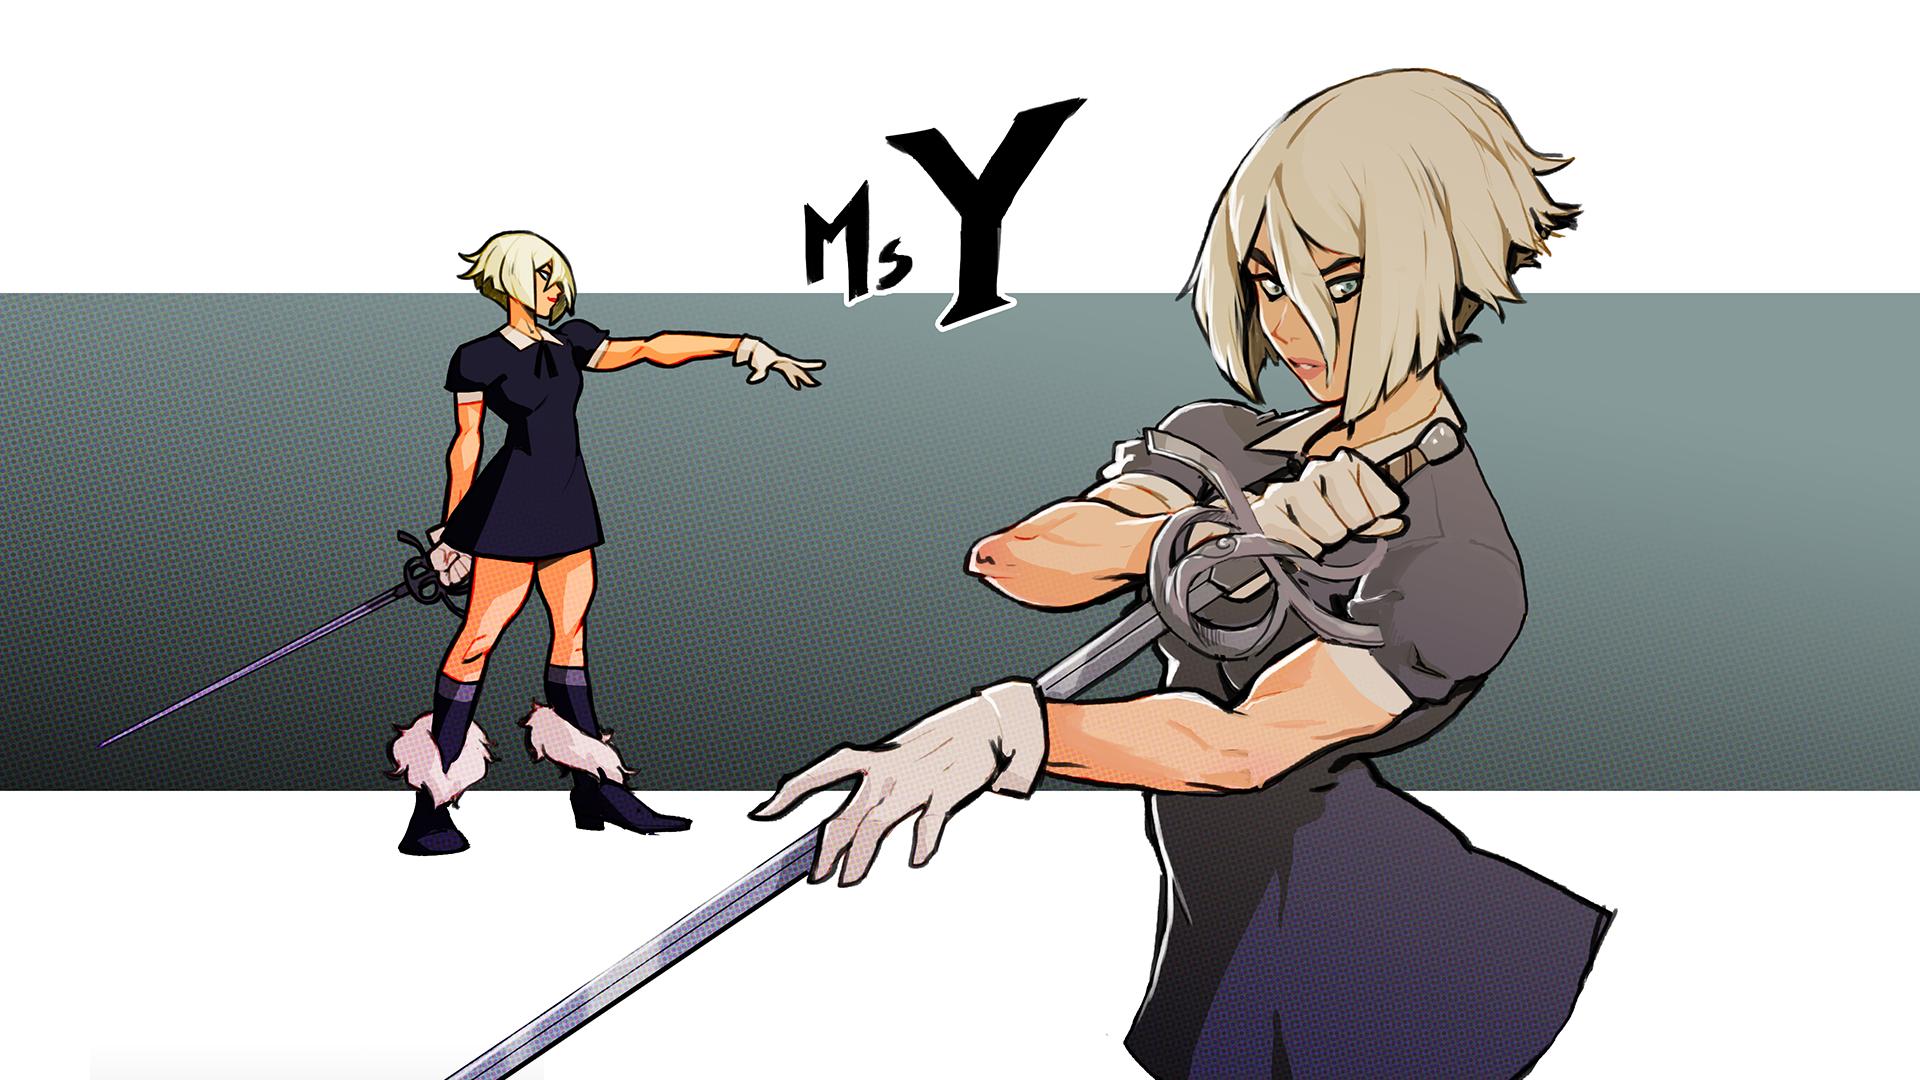 Ms. Y